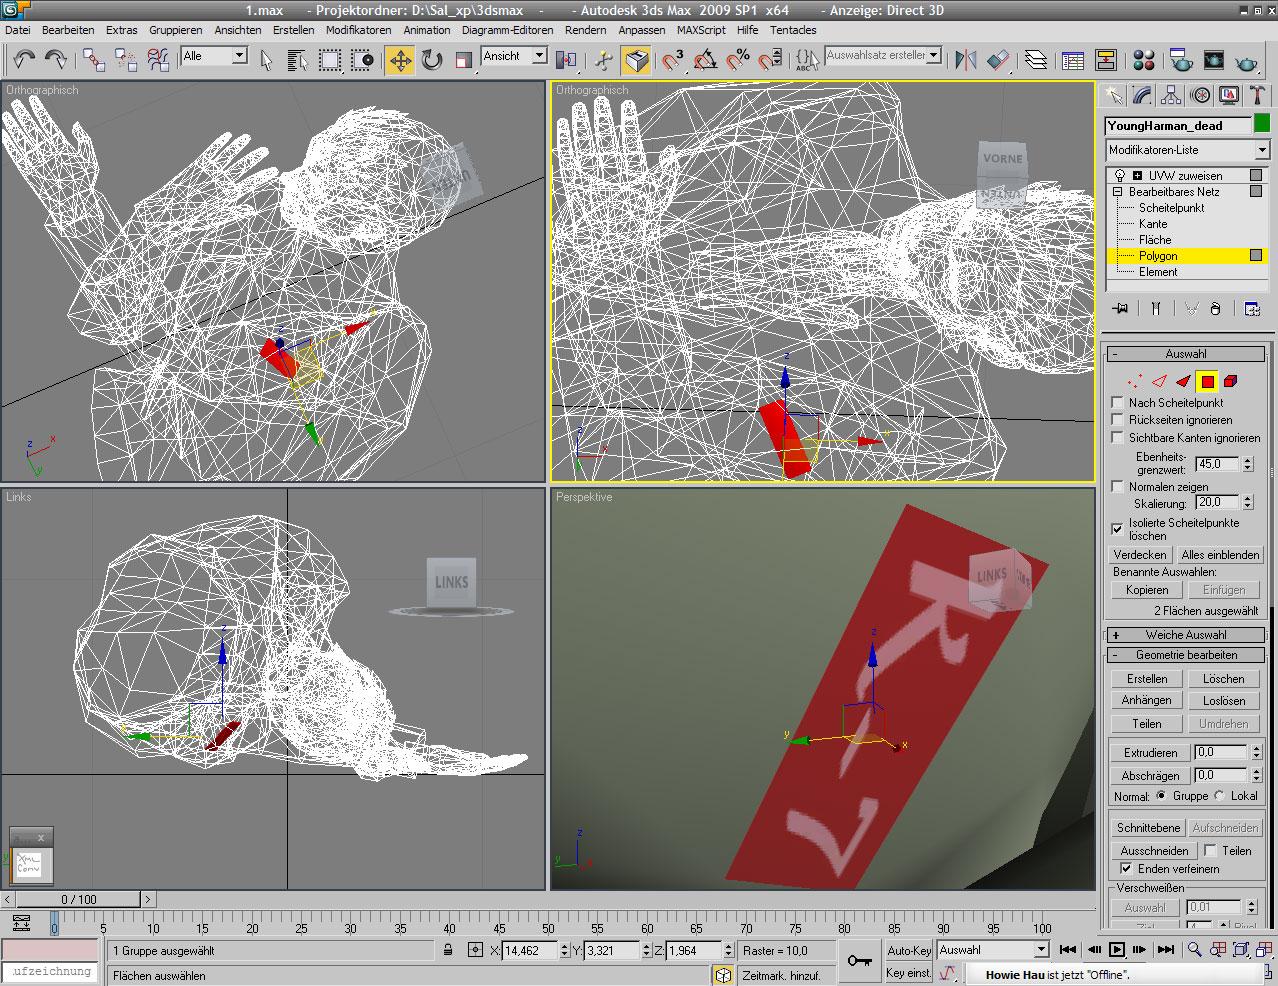 Extracting Killer 7 3d model data + 3d renders - Last Update